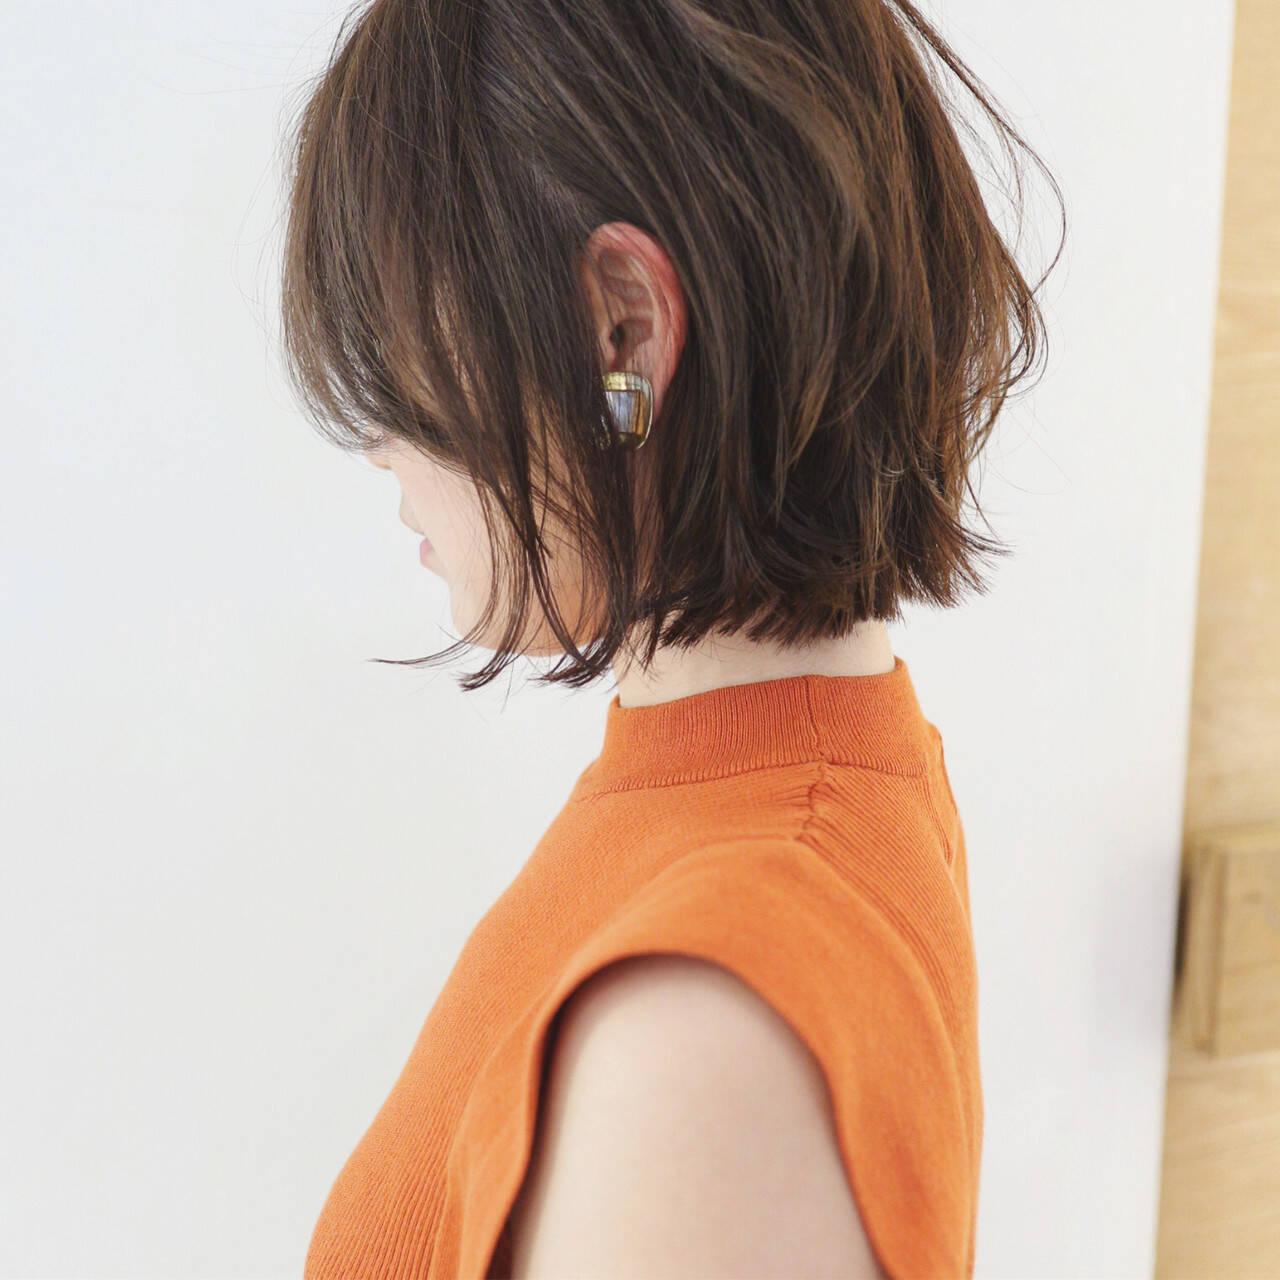 ショートボブ ミニボブ パーマ グラデーションカラーヘアスタイルや髪型の写真・画像